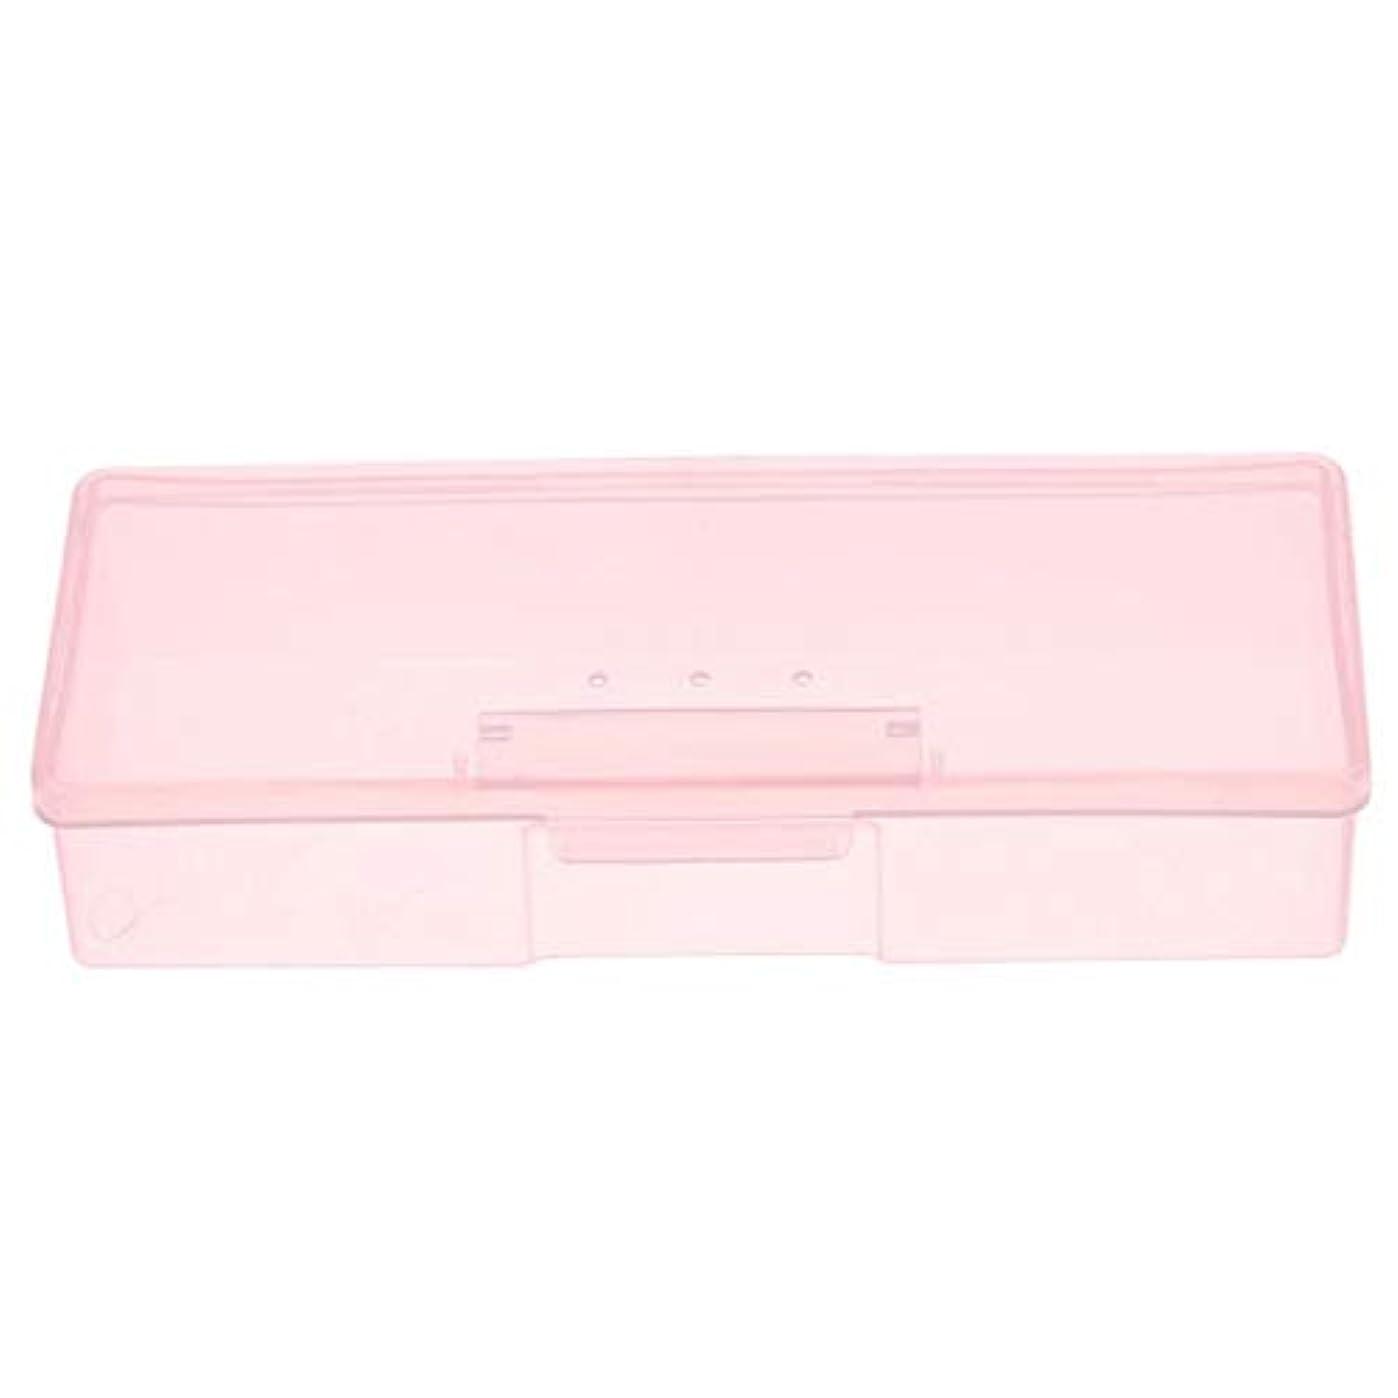 細部スラダムバージンCUHAWUDBA マニキュア用ピンクプラスチック透明ネイルツール収納ボックスネイルラインストーン装飾バッファファイル研削オーガナイザーケースツール